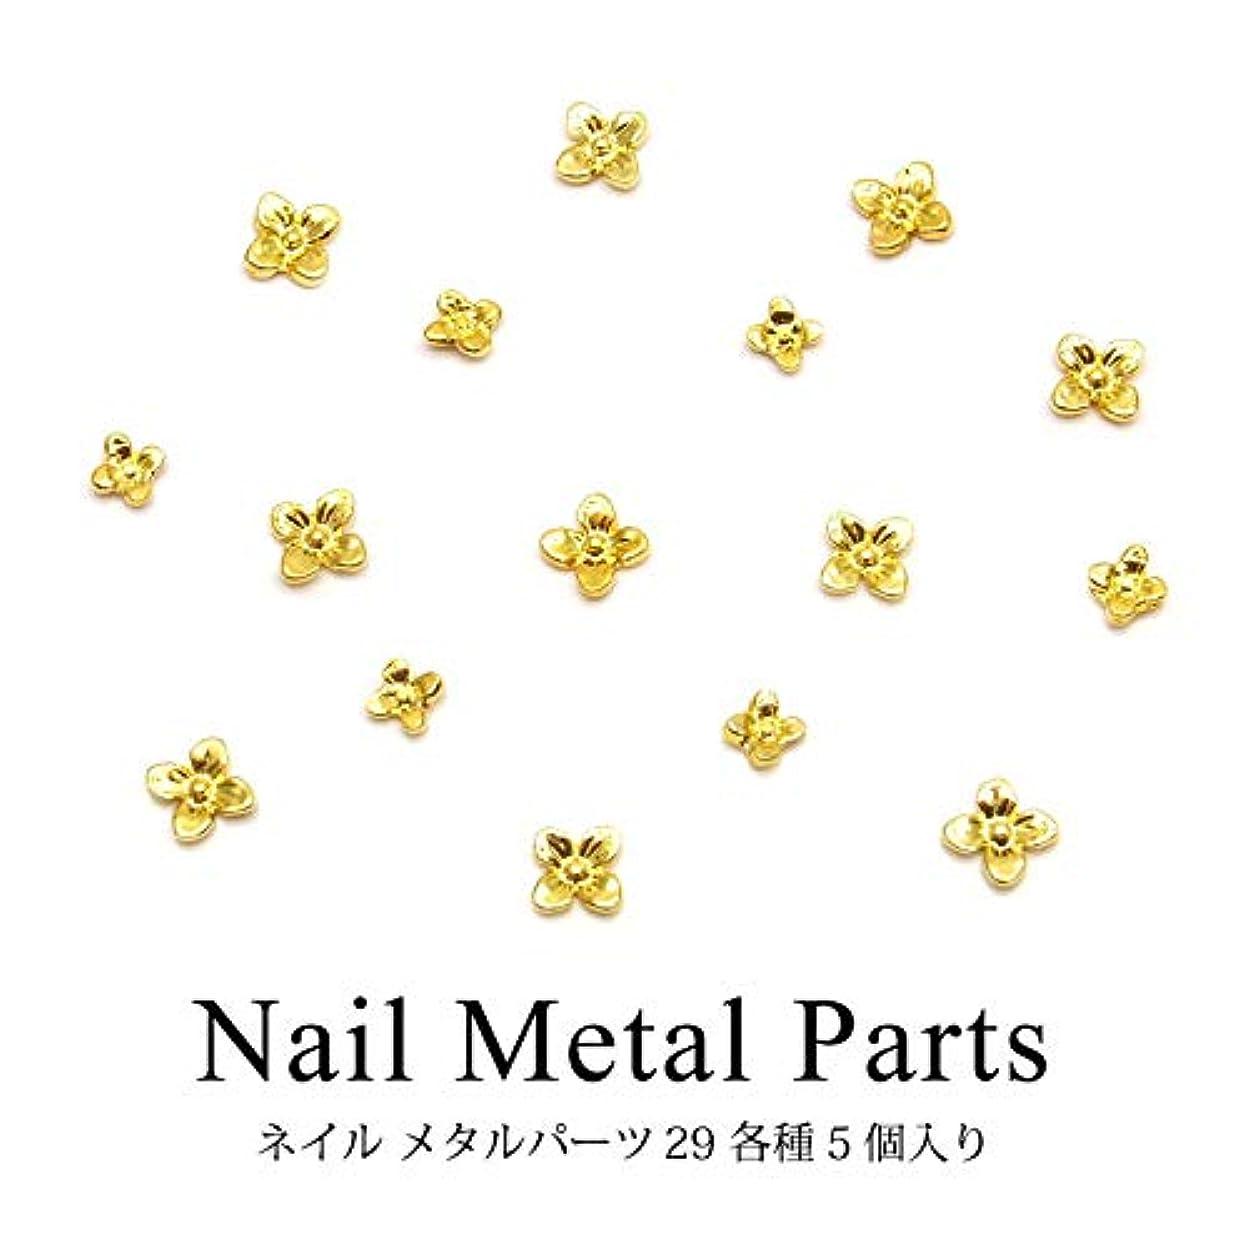 テラスうん確保するネイル メタルパーツ 29 各種5個入り (ゴールド, 1.リトルフラワー 小)